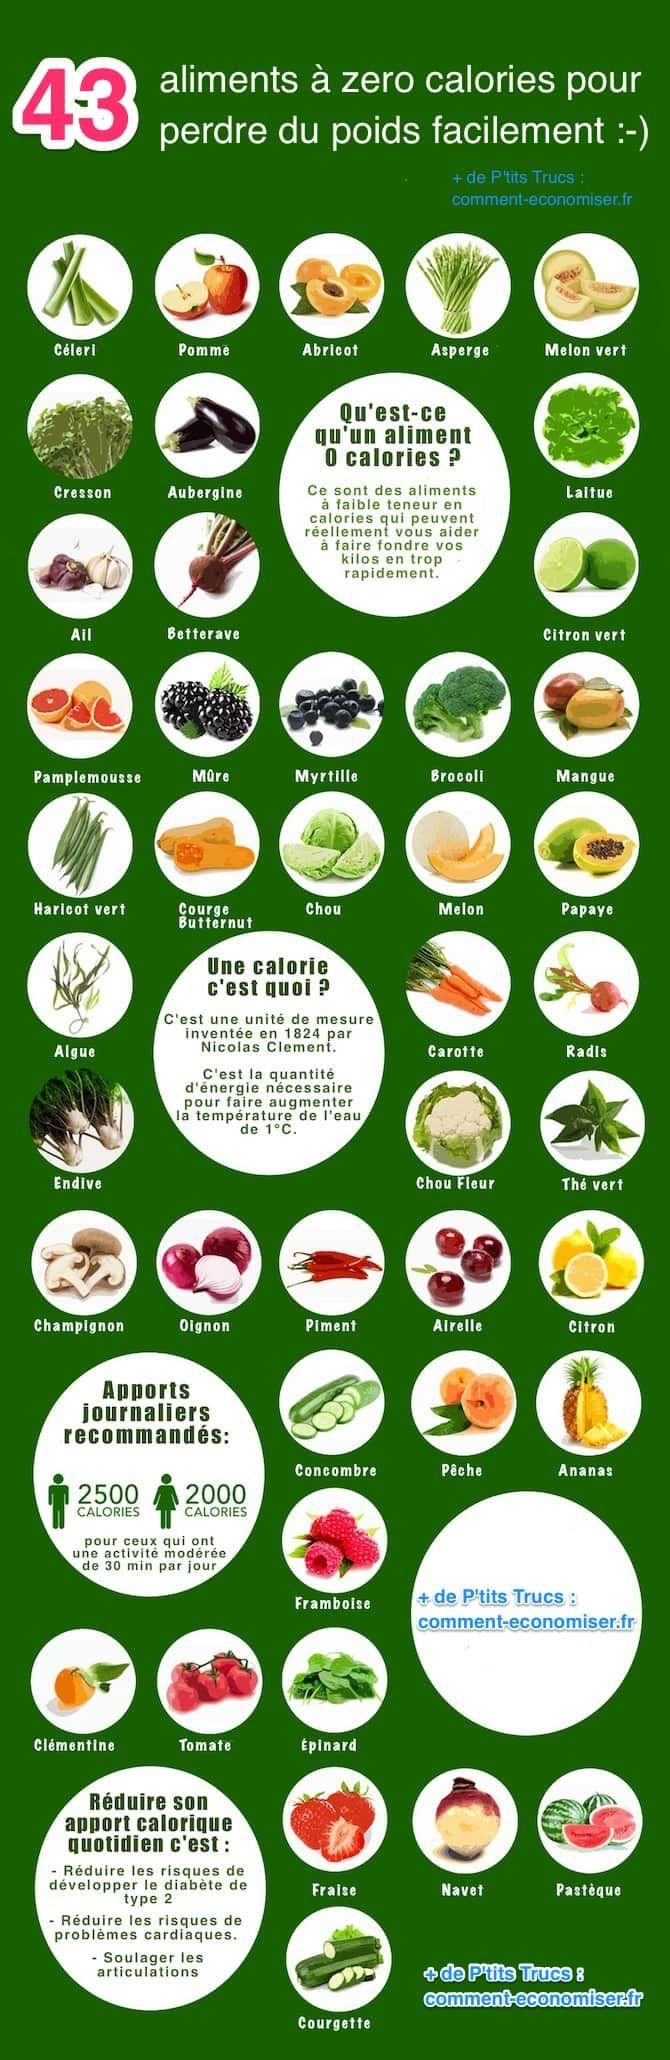 """Les aliments dits à """"0 calorie"""" sont ceux qui contiennent un apport calorique très bas tout en ayant des niveaux élevés d'éléments nutritifs pour votre corps. Les fruits et légumes de cette liste ont le gros avantage de remplir votre estomac longtemps sans laisser une sensation de faim.  Découvrez l'astuce ici : http://www.comment-economiser.fr/43-aliments-a-zero-calories-pour-perdre-du-poids-facilement.html"""